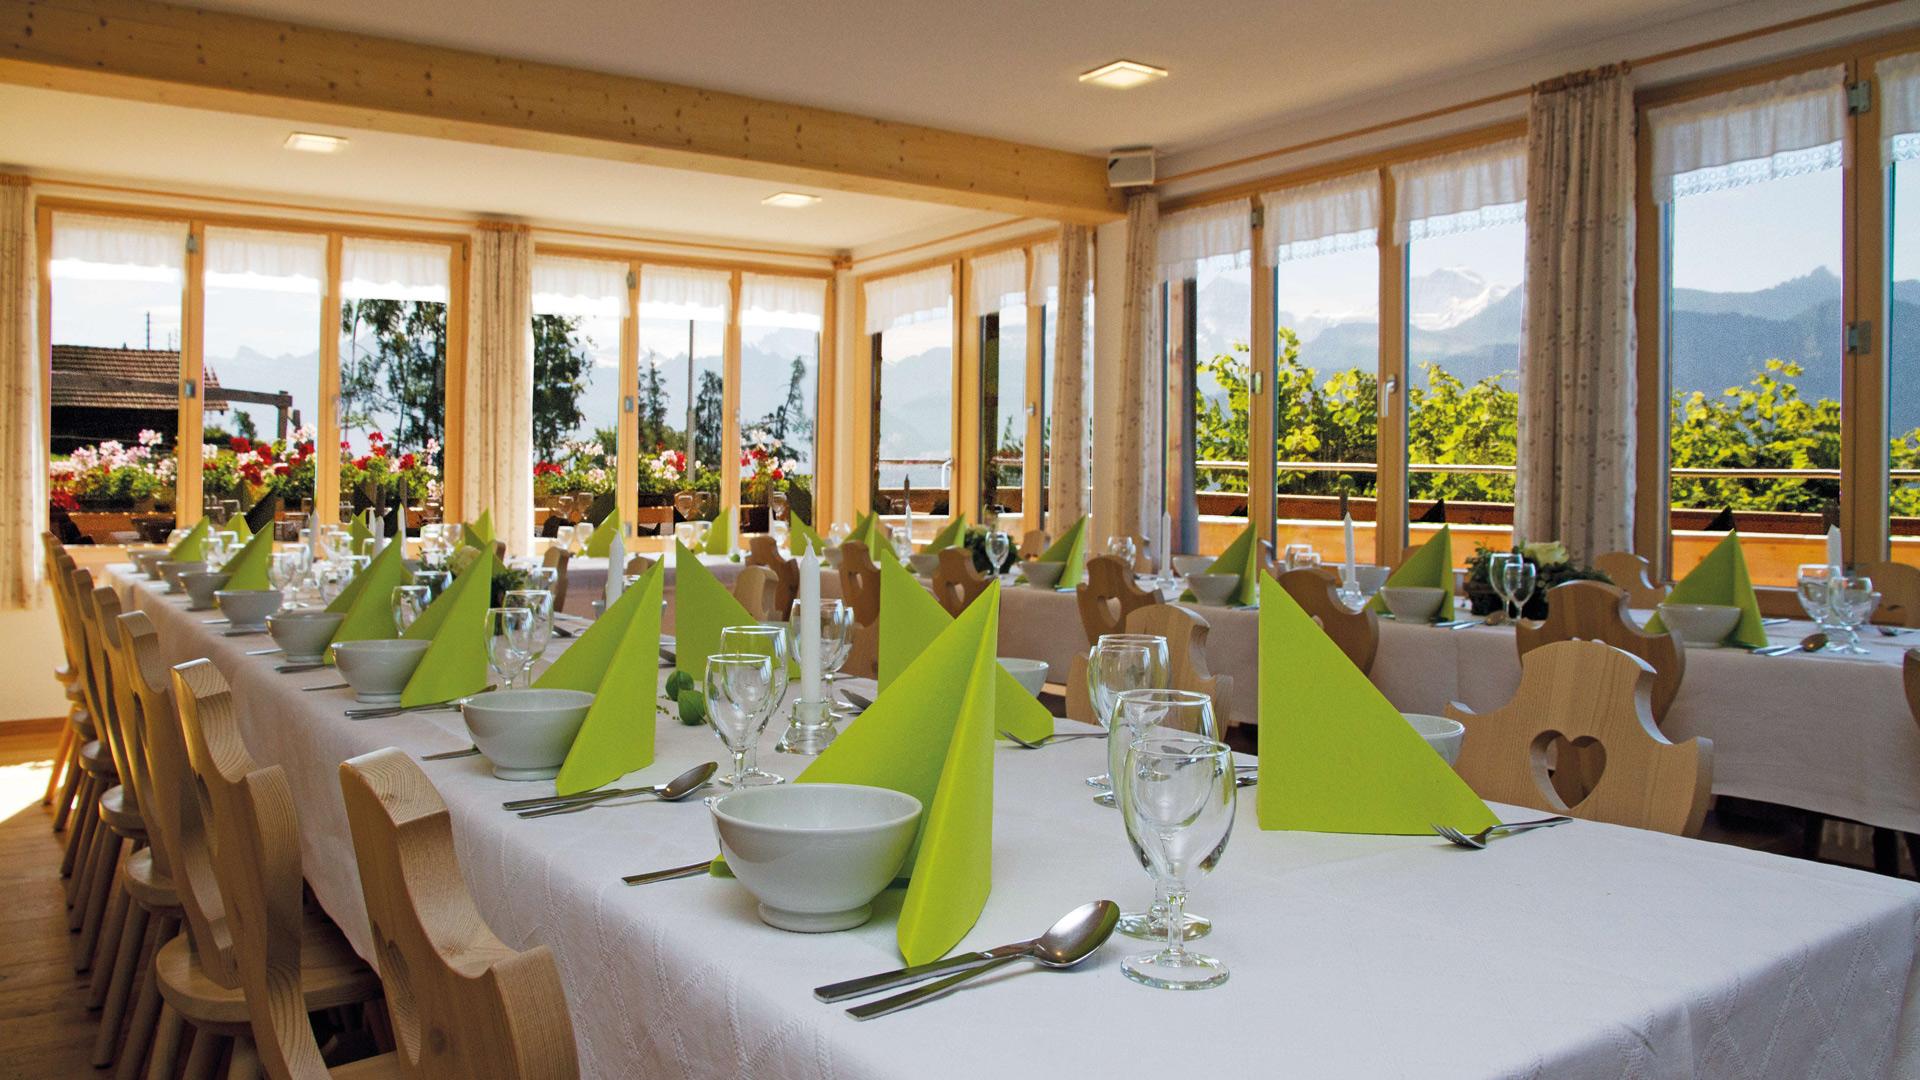 riedboden-restaurant-saal